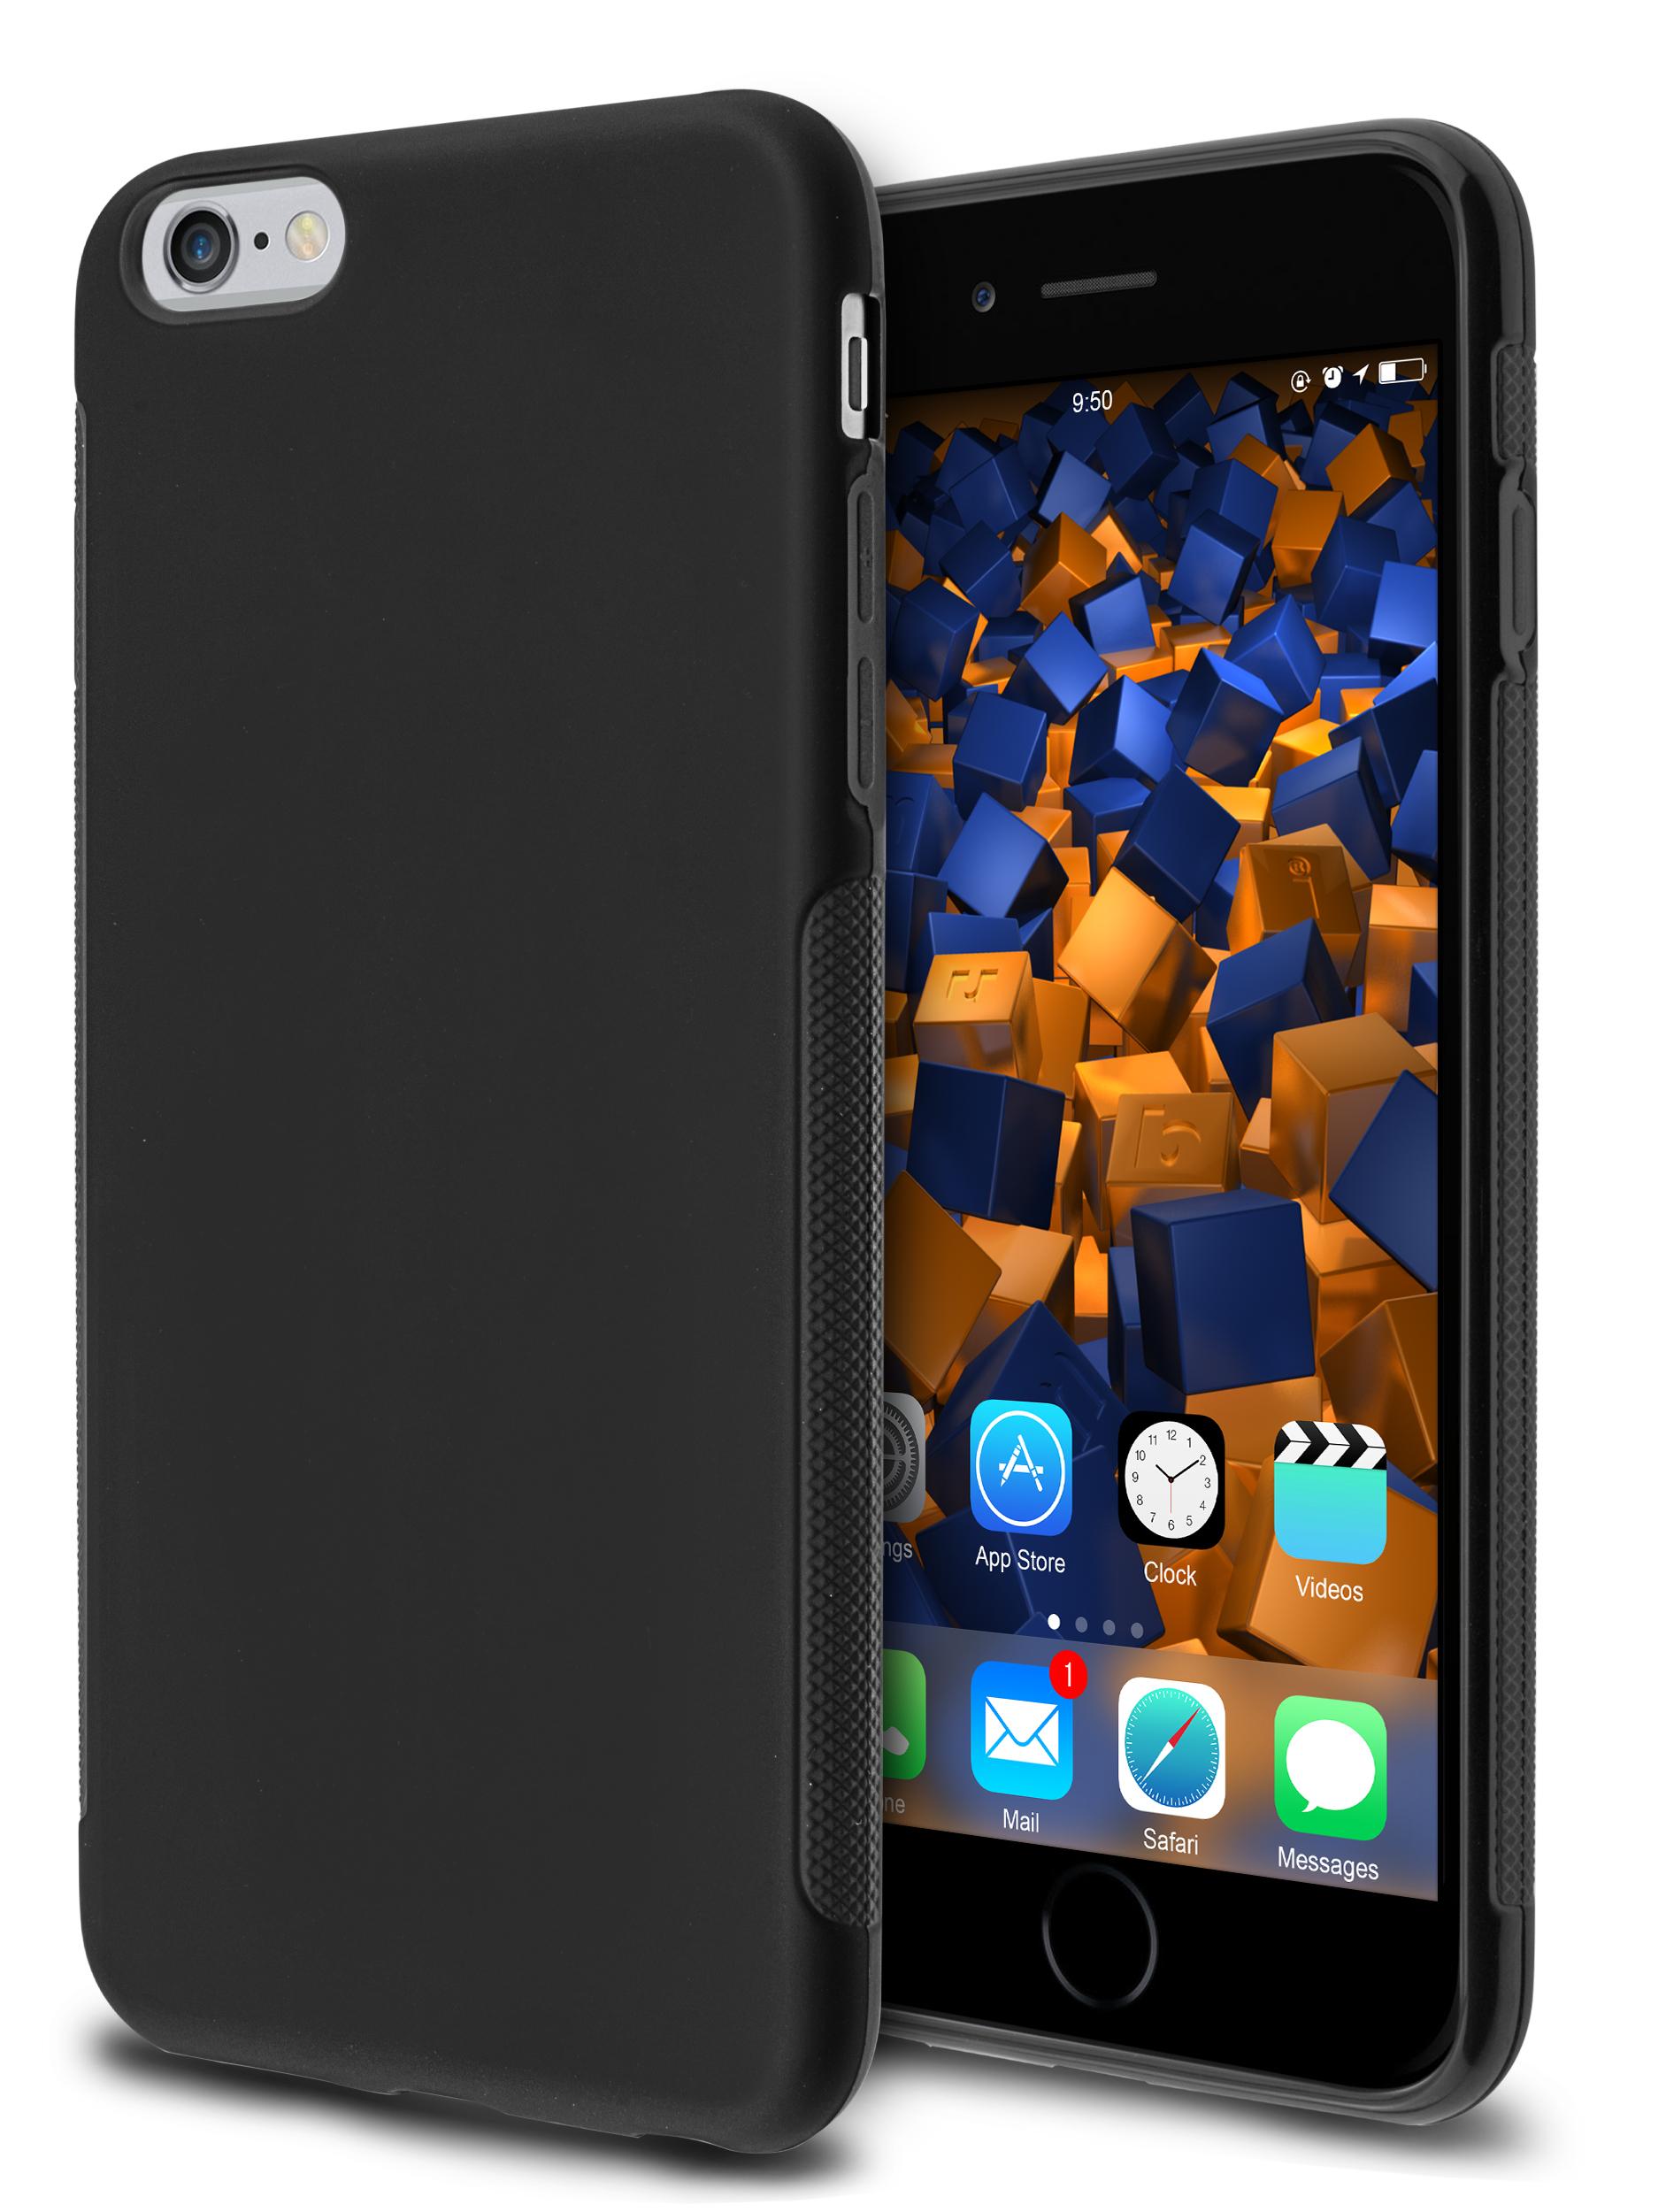 Taschen & Schutzhüllen Fast Deliver Mumbi Schutzhülle Für Apple Iphone 6 6s Plus Hülle Case Cover Grip Tasche Schutz